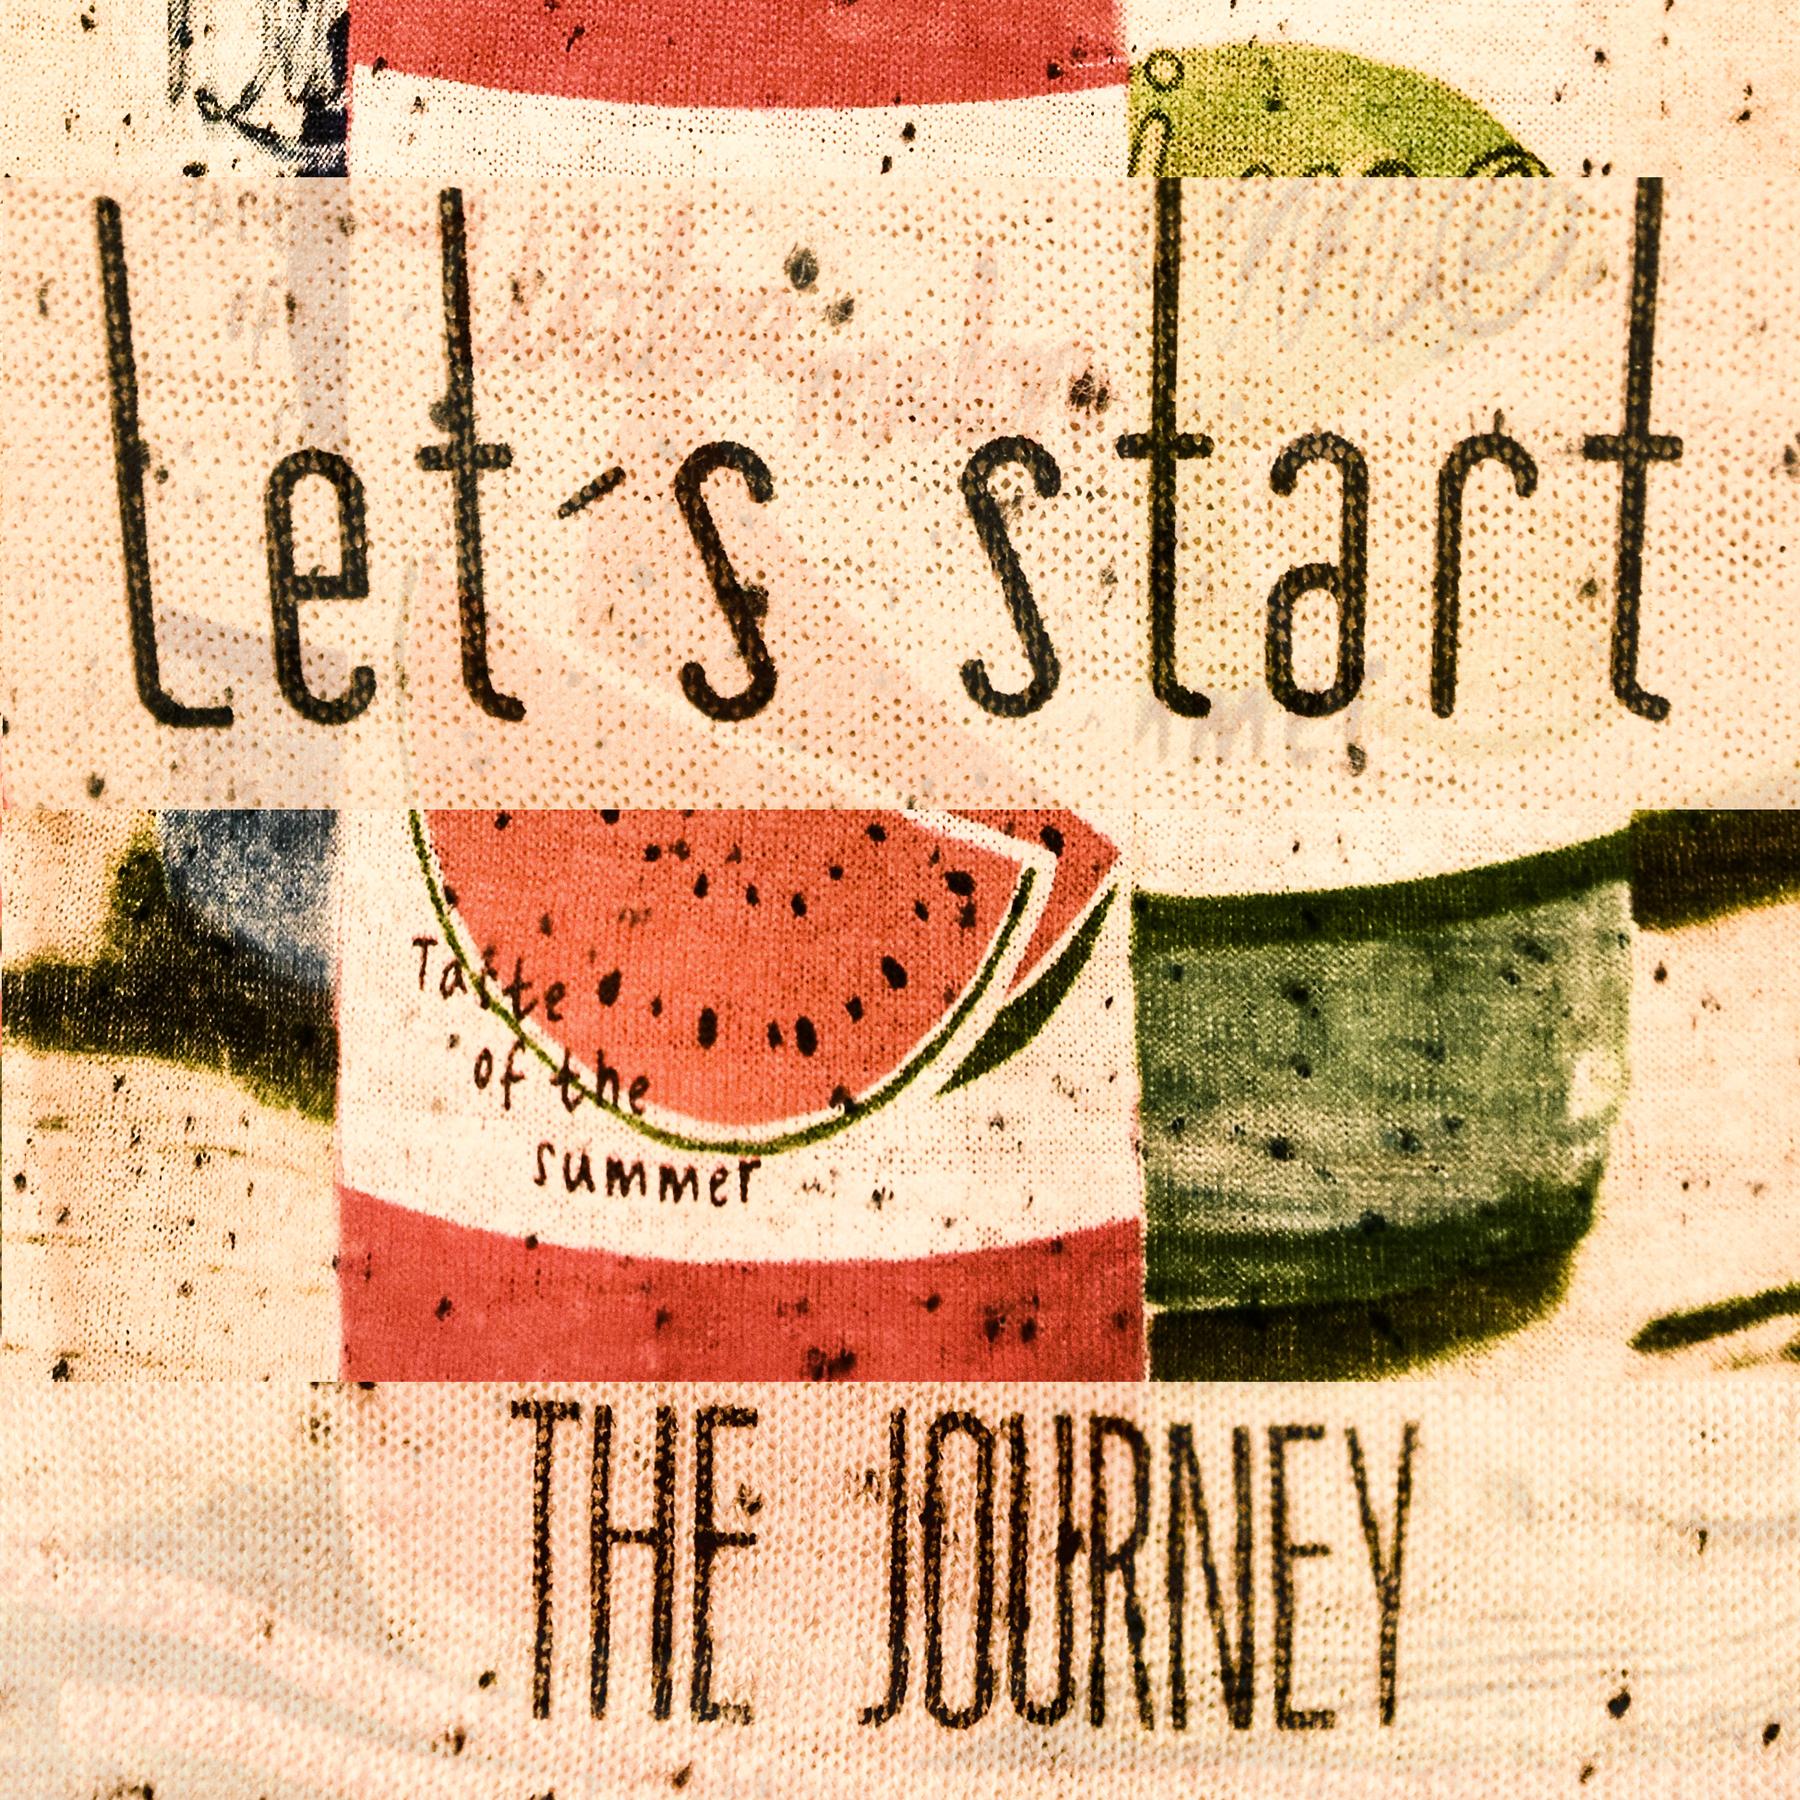 Let's-start-the-journey